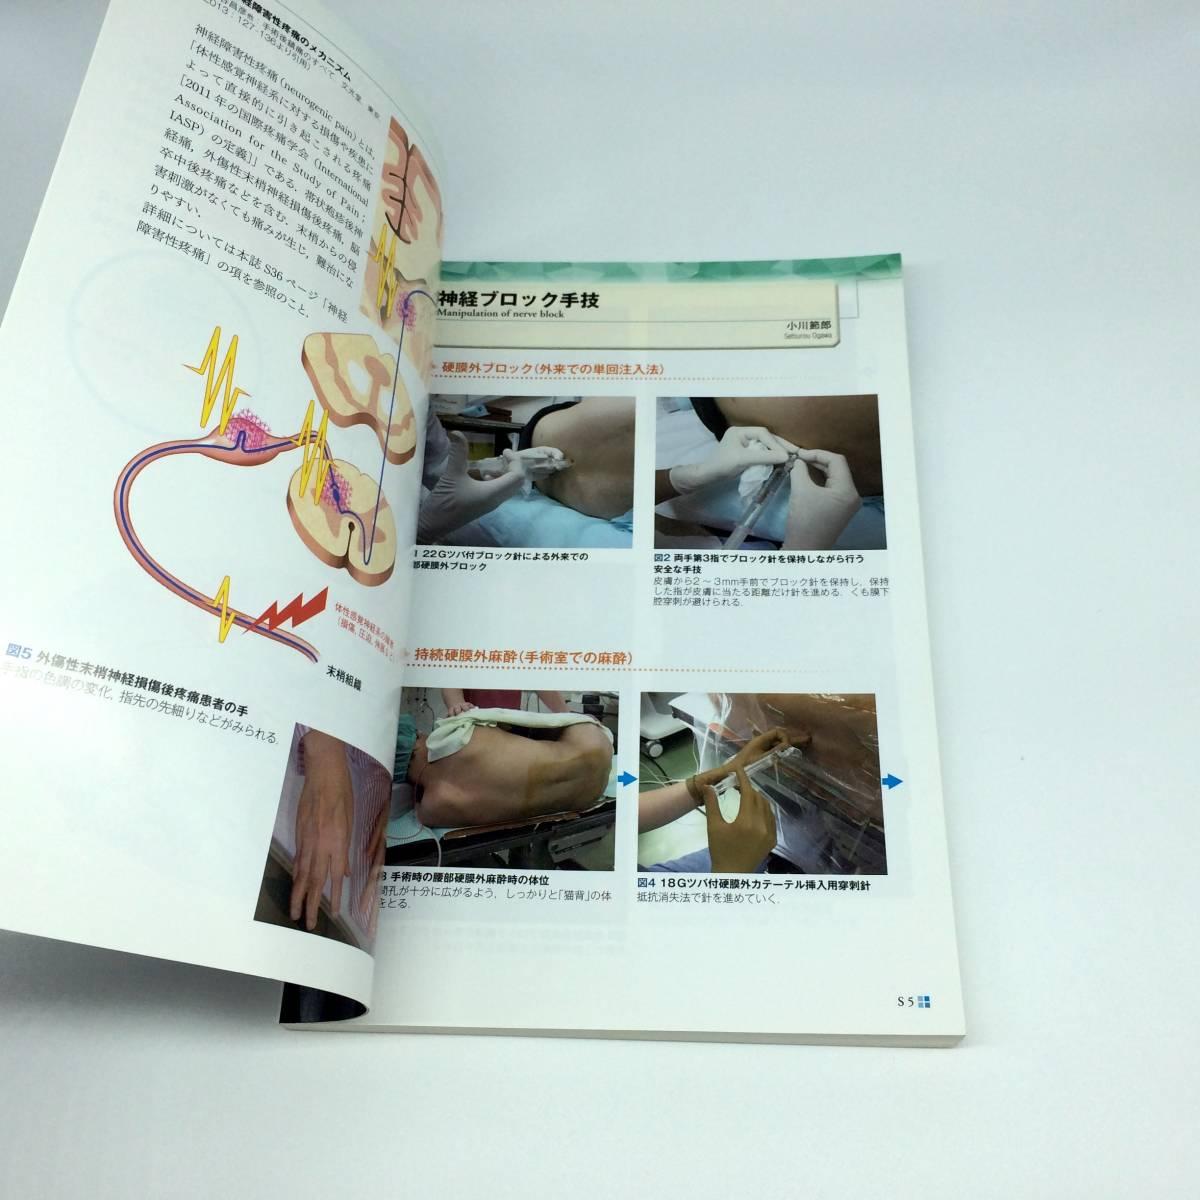 痛みのマネジメント update 基礎知識から緩和ケアまで 生涯教育シリーズ 86 日本医師会雑誌 第143巻 特別号(1)_画像3